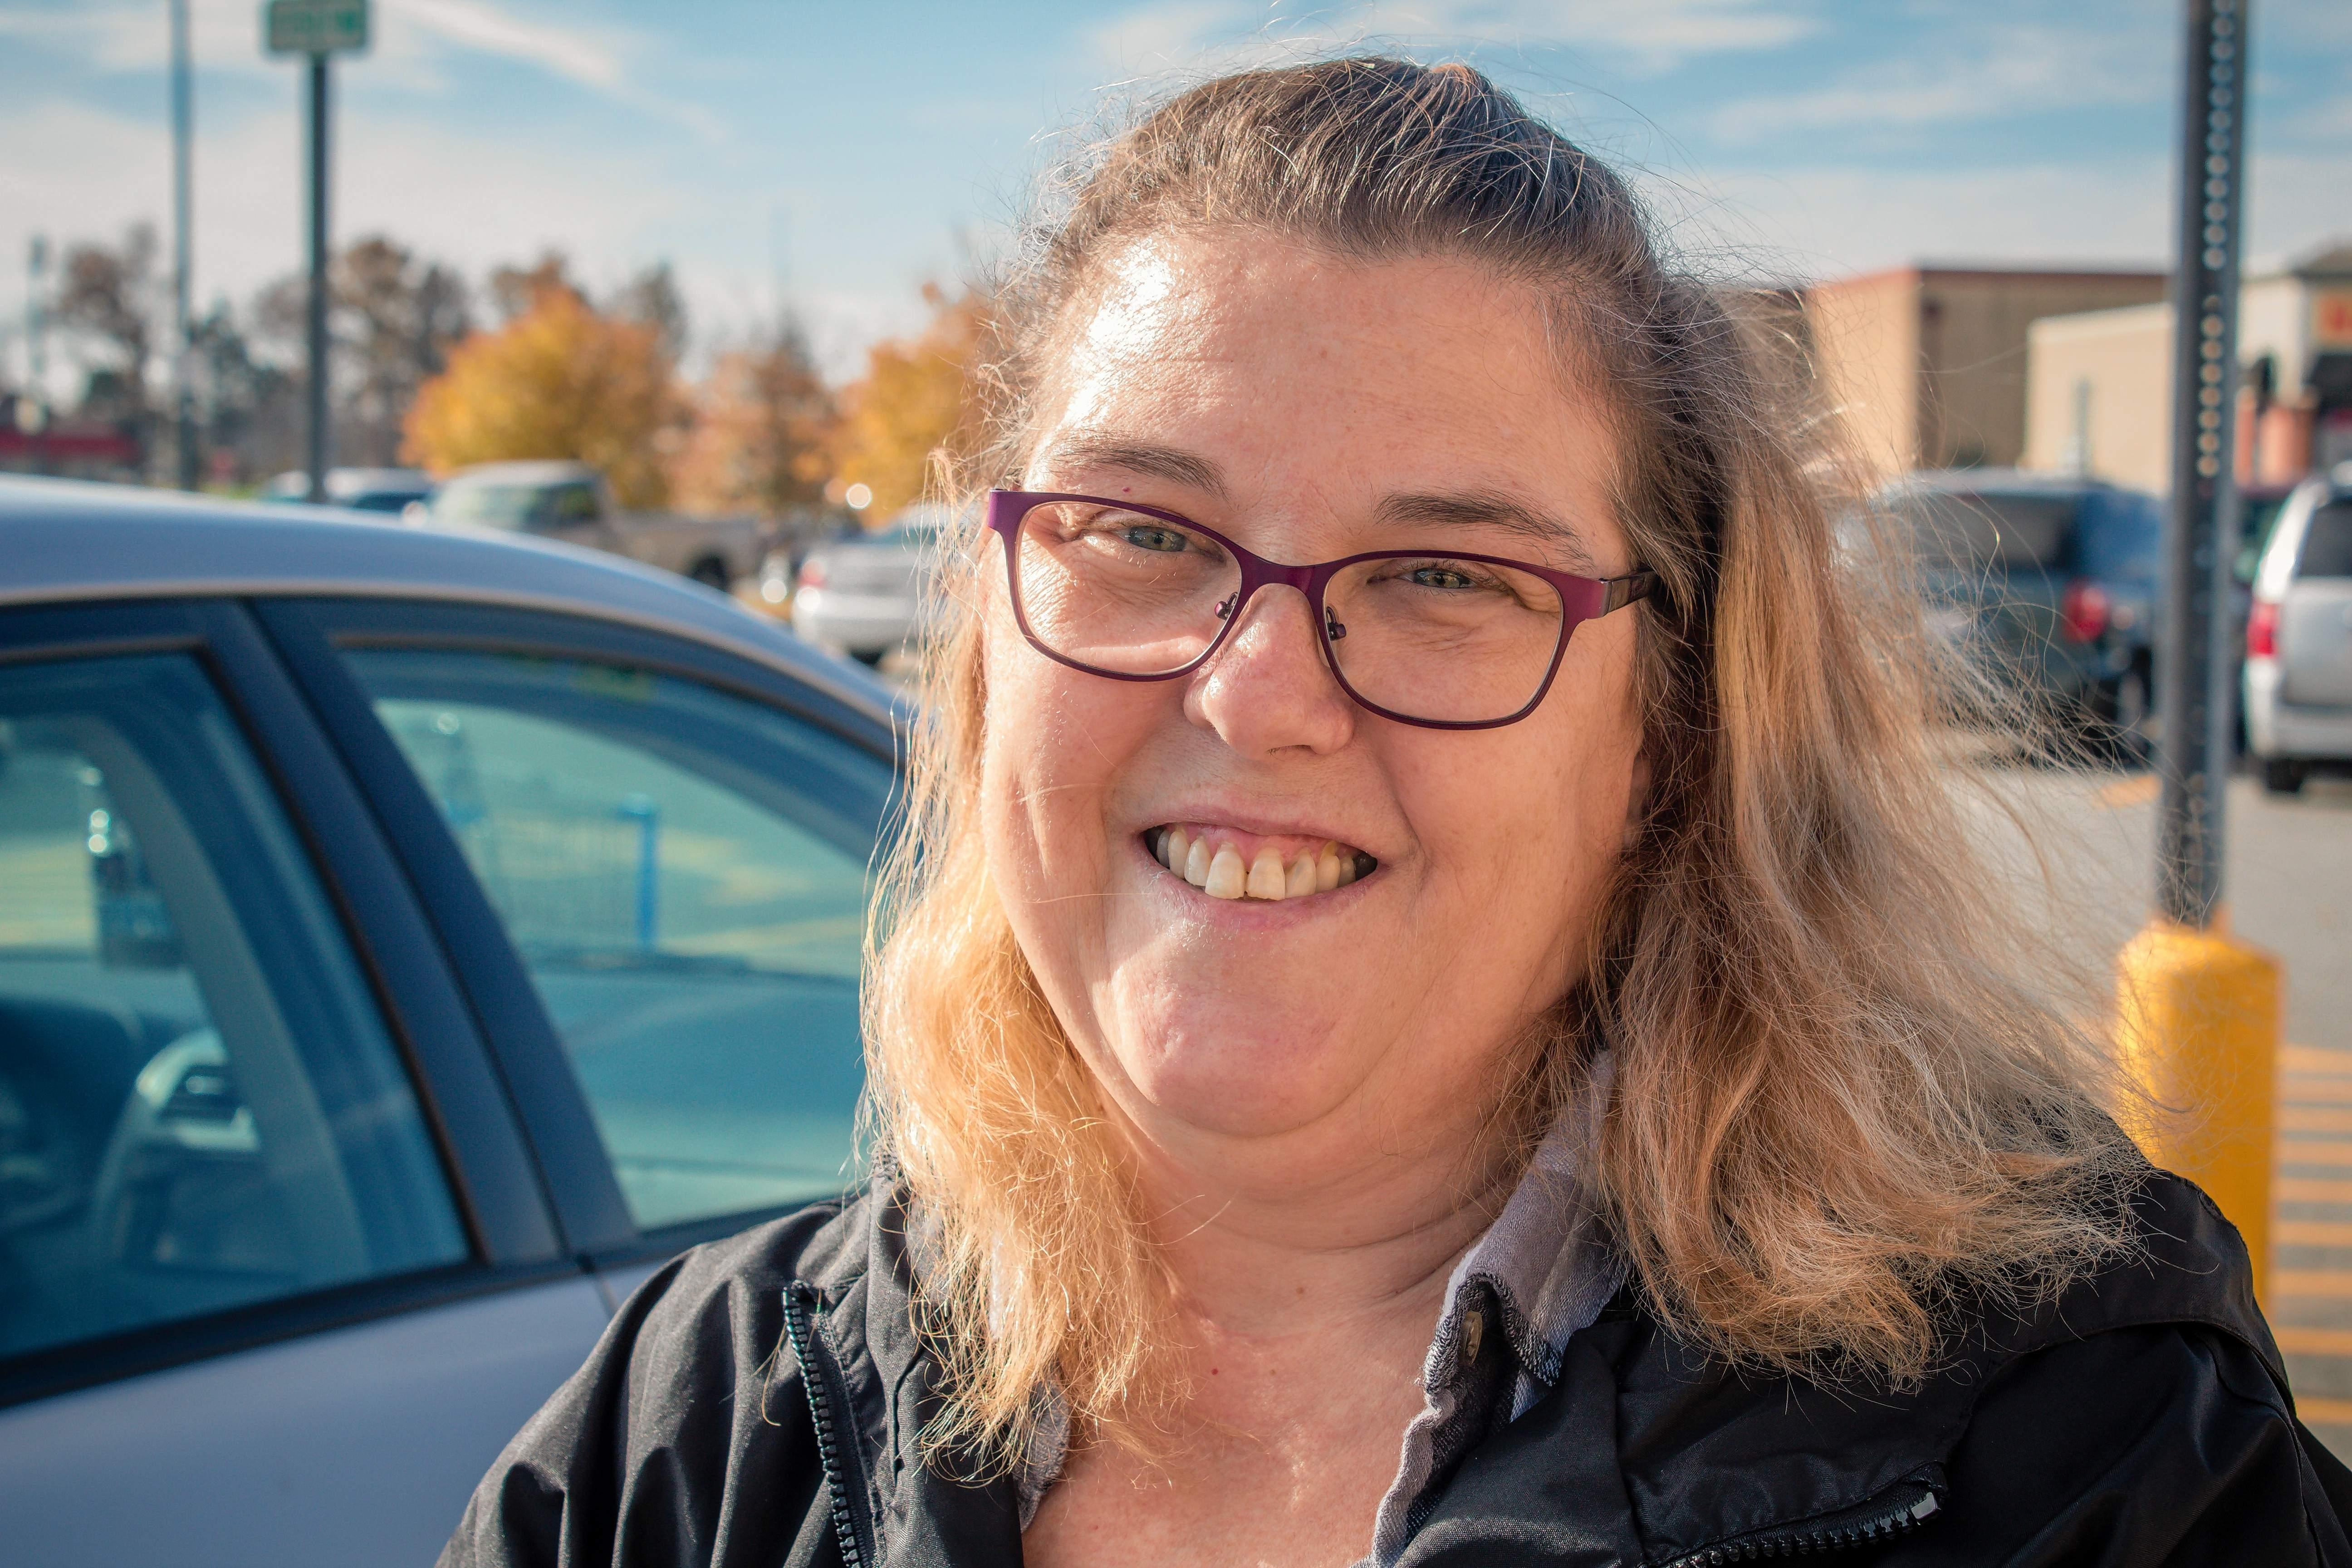 Kathy Akes